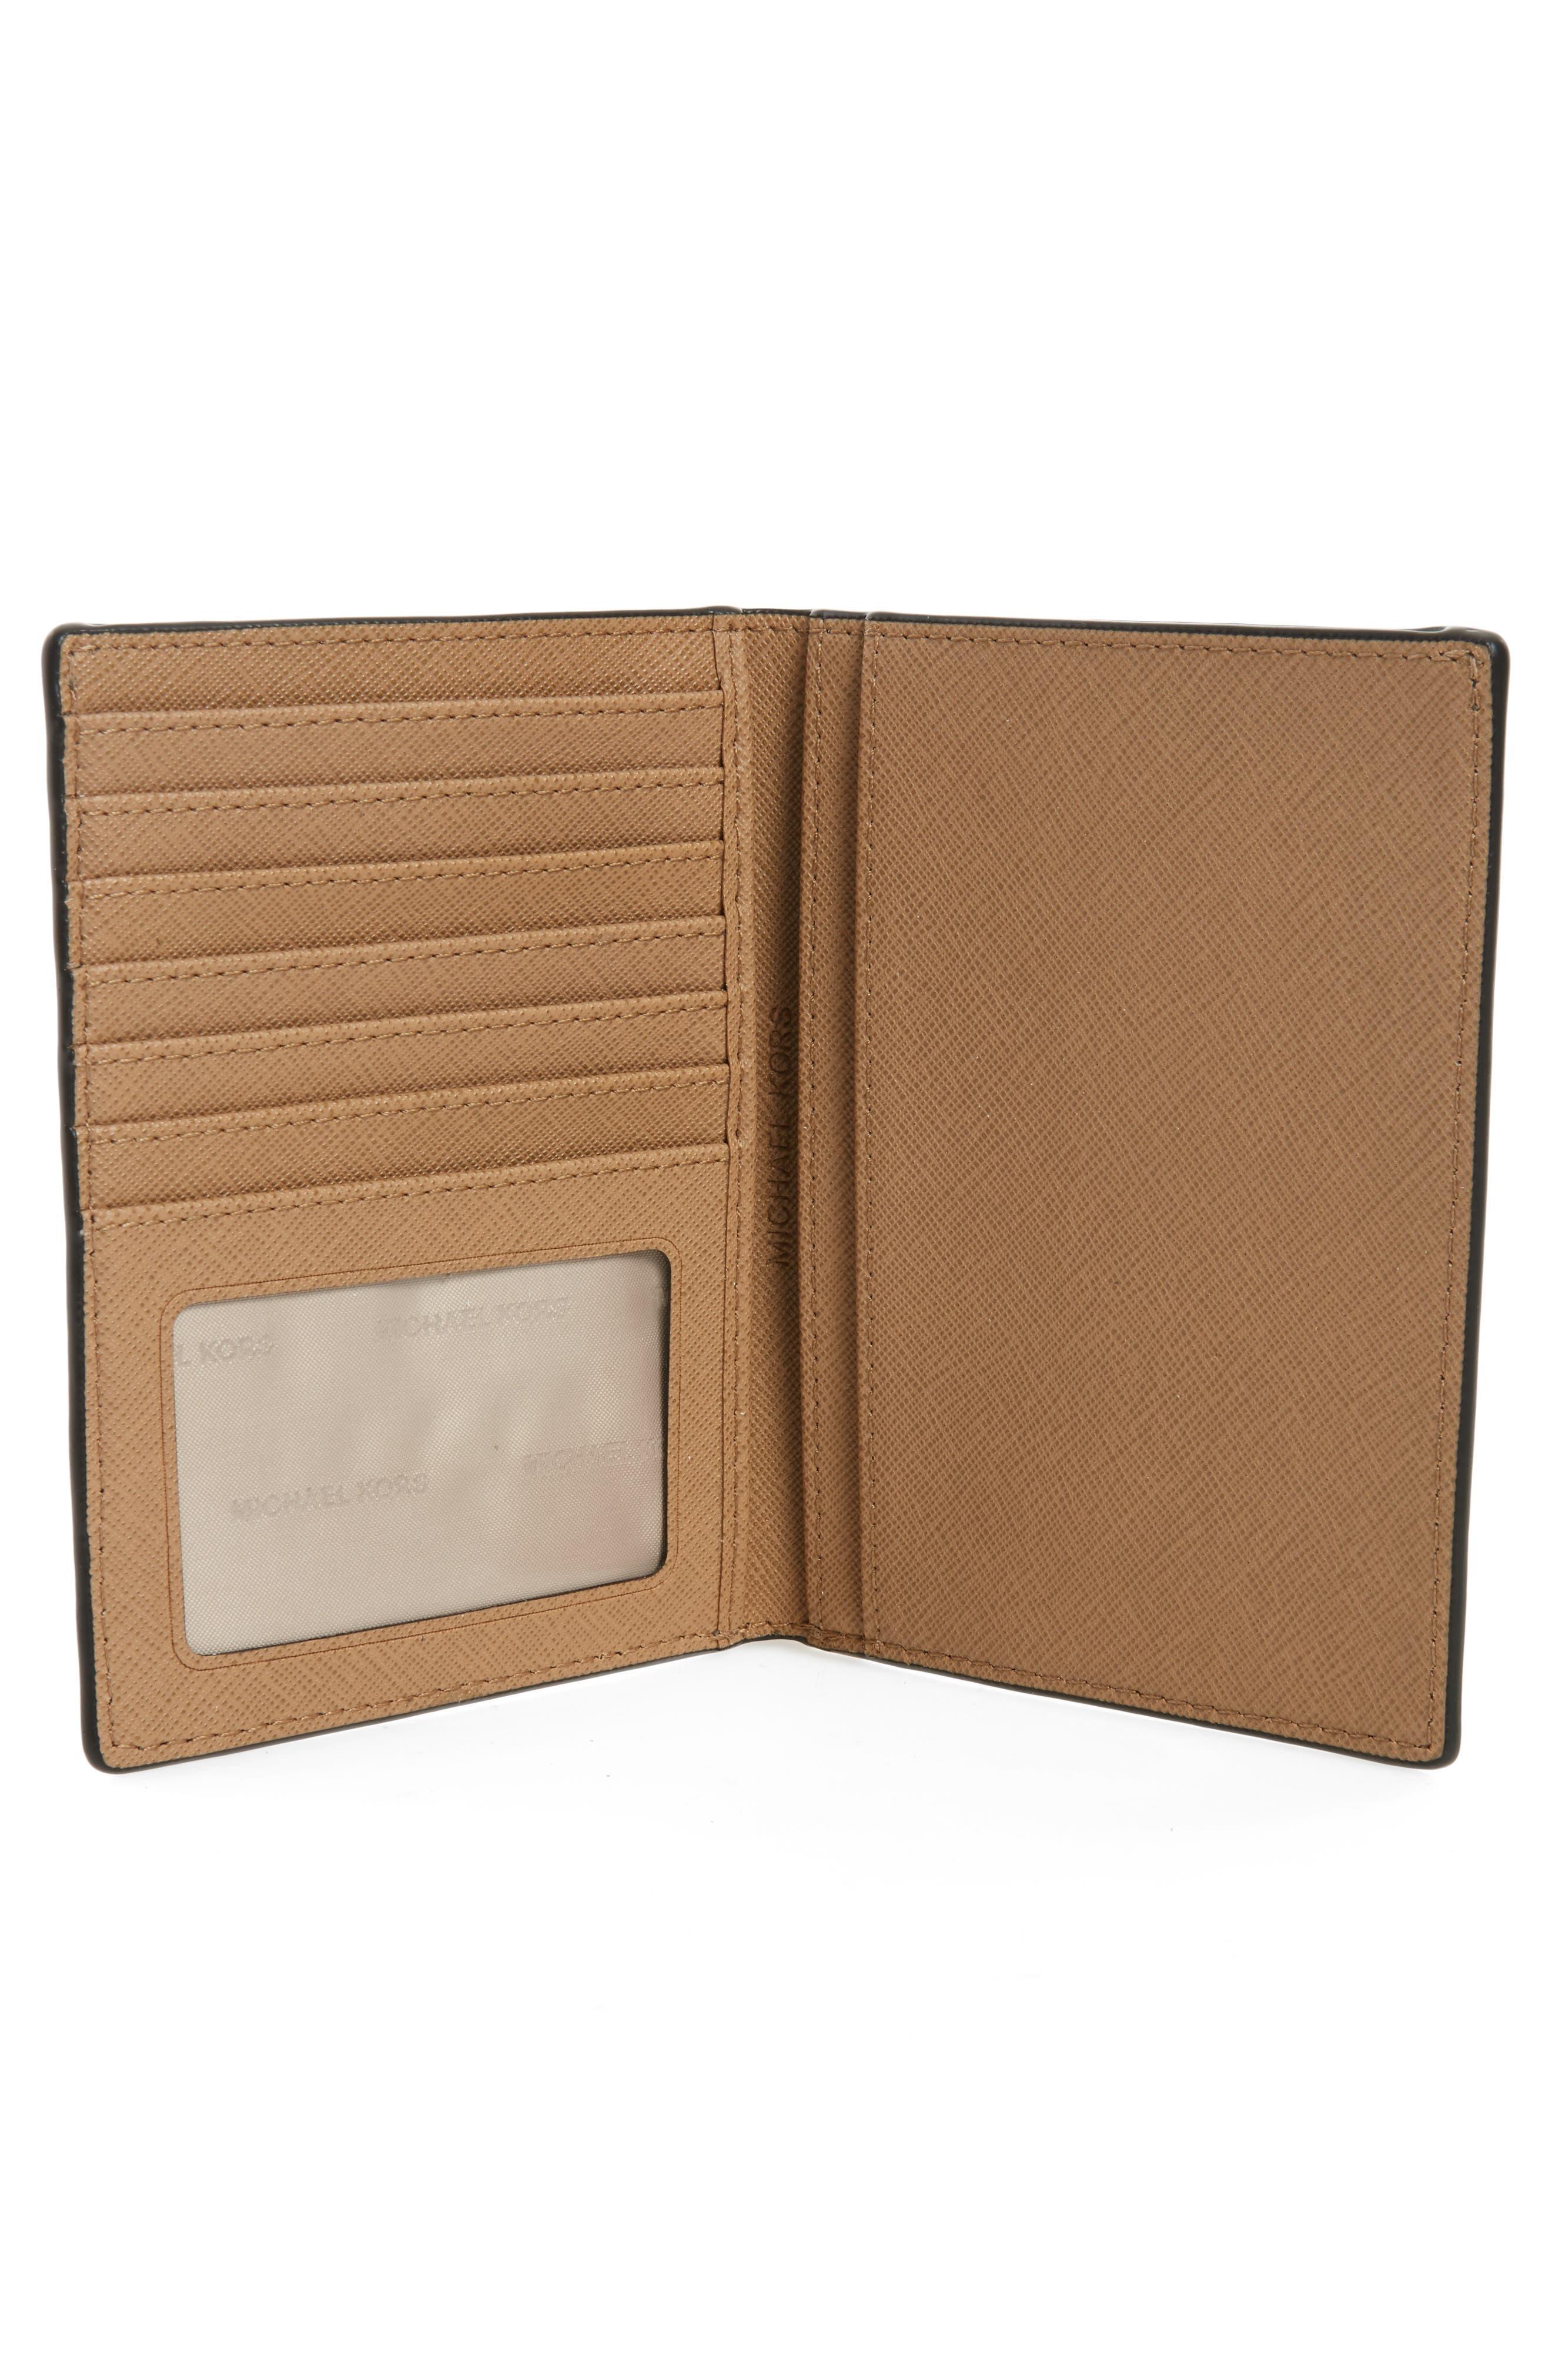 Mercer Passport Wallet,                             Alternate thumbnail 2, color,                             600